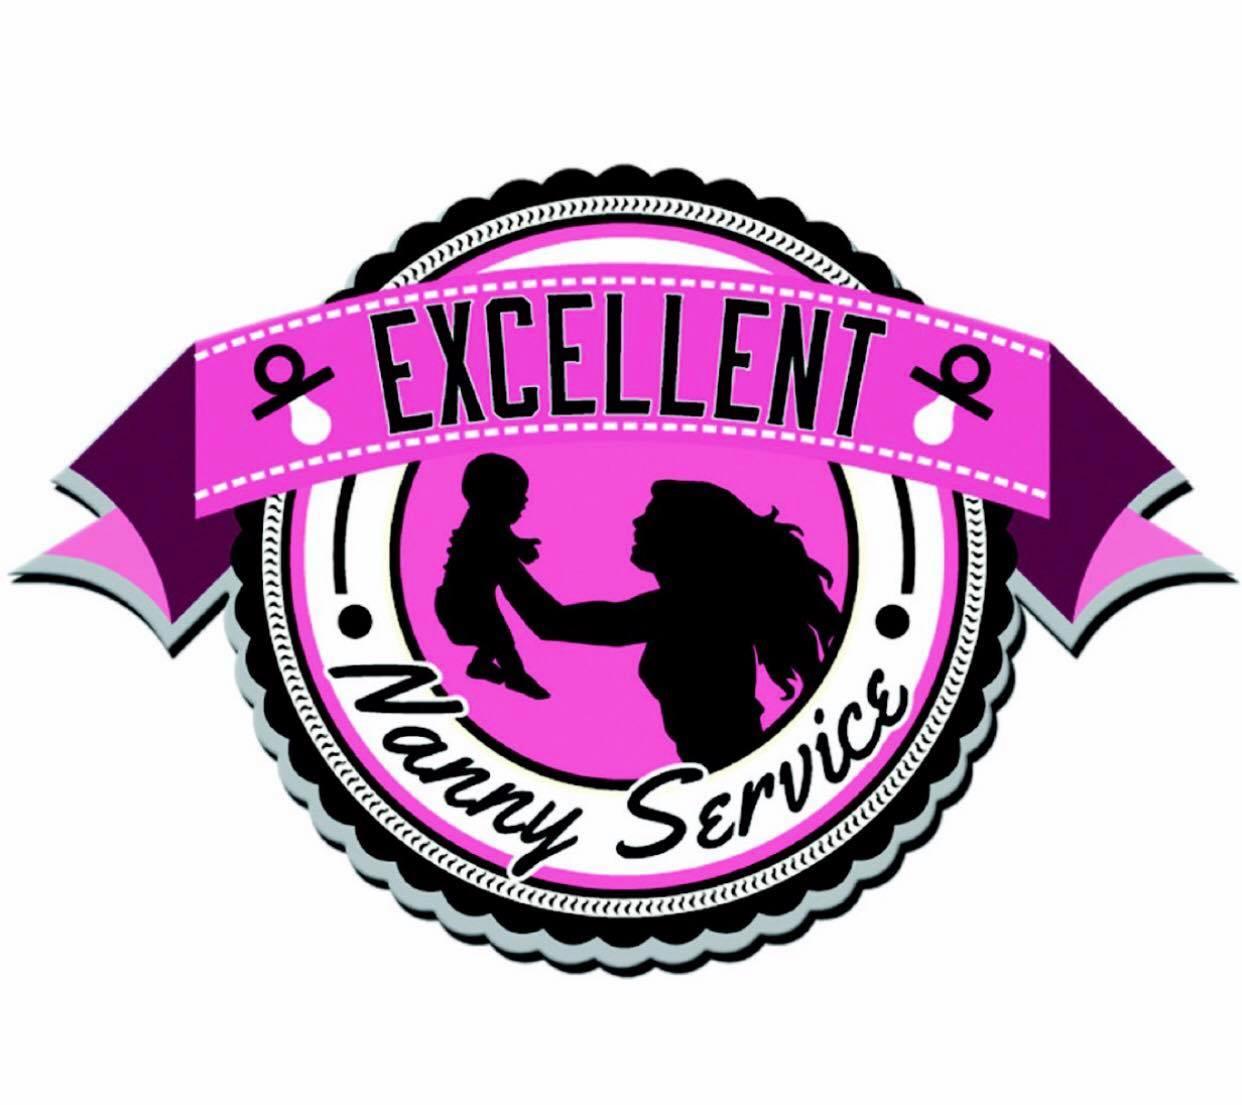 Excellent Nanny Service